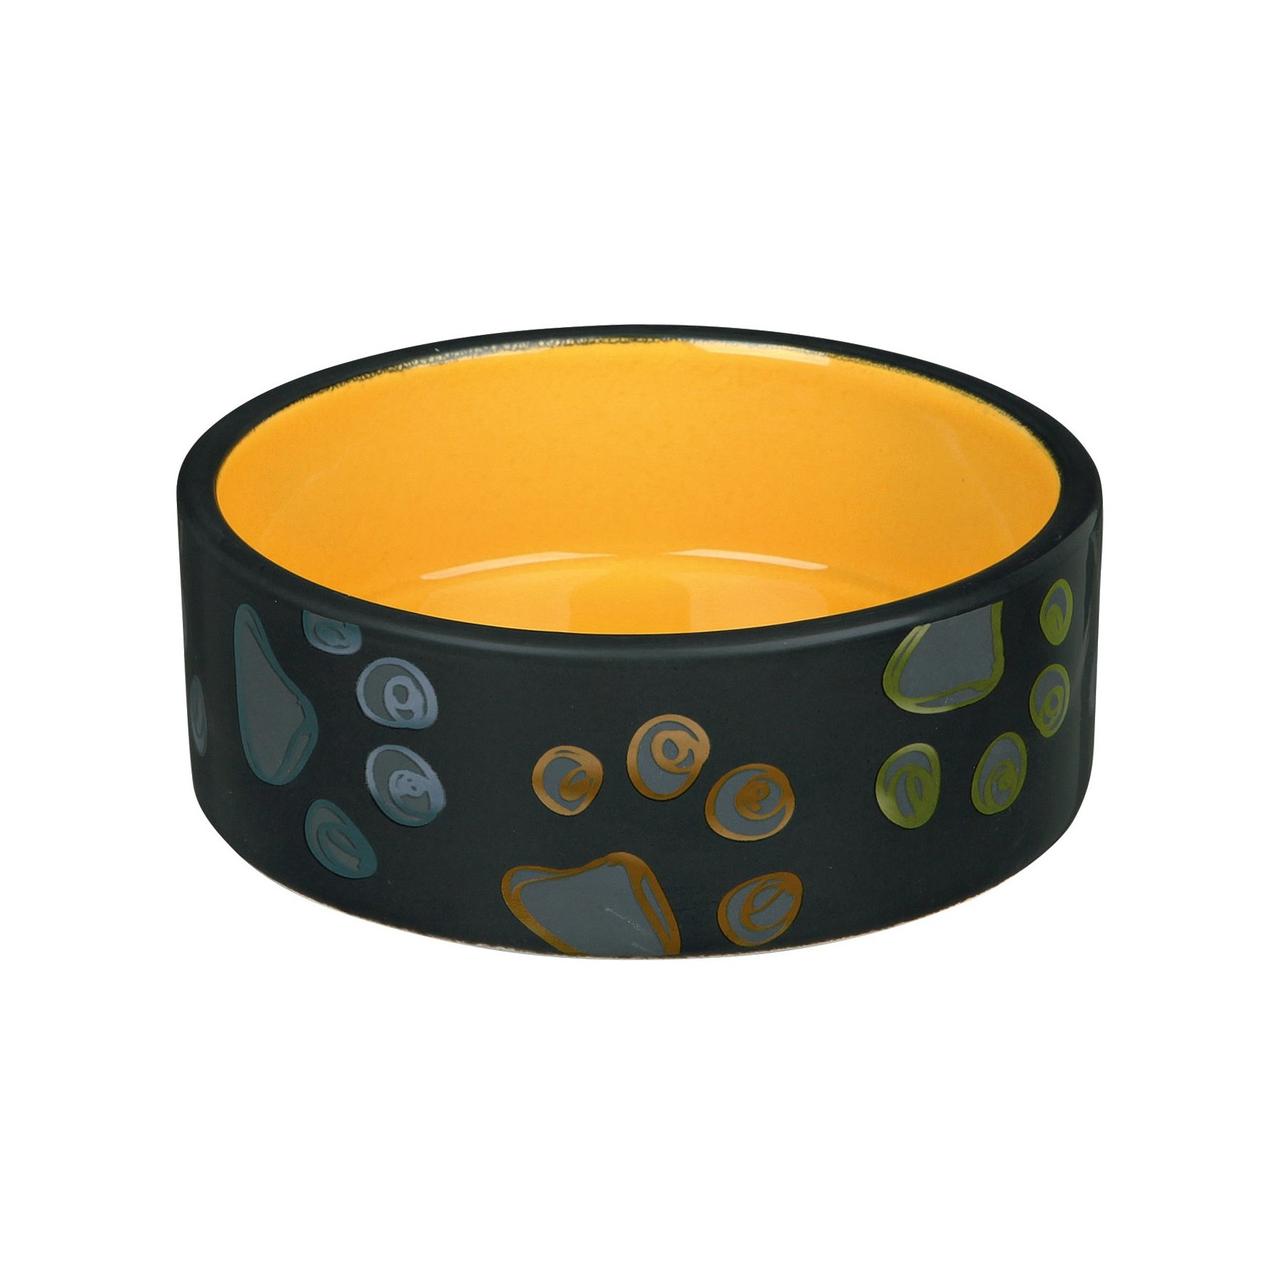 Миска керамічна Trixie «Jimmy» 1,5 л / 20 см (в колірному асортименті)